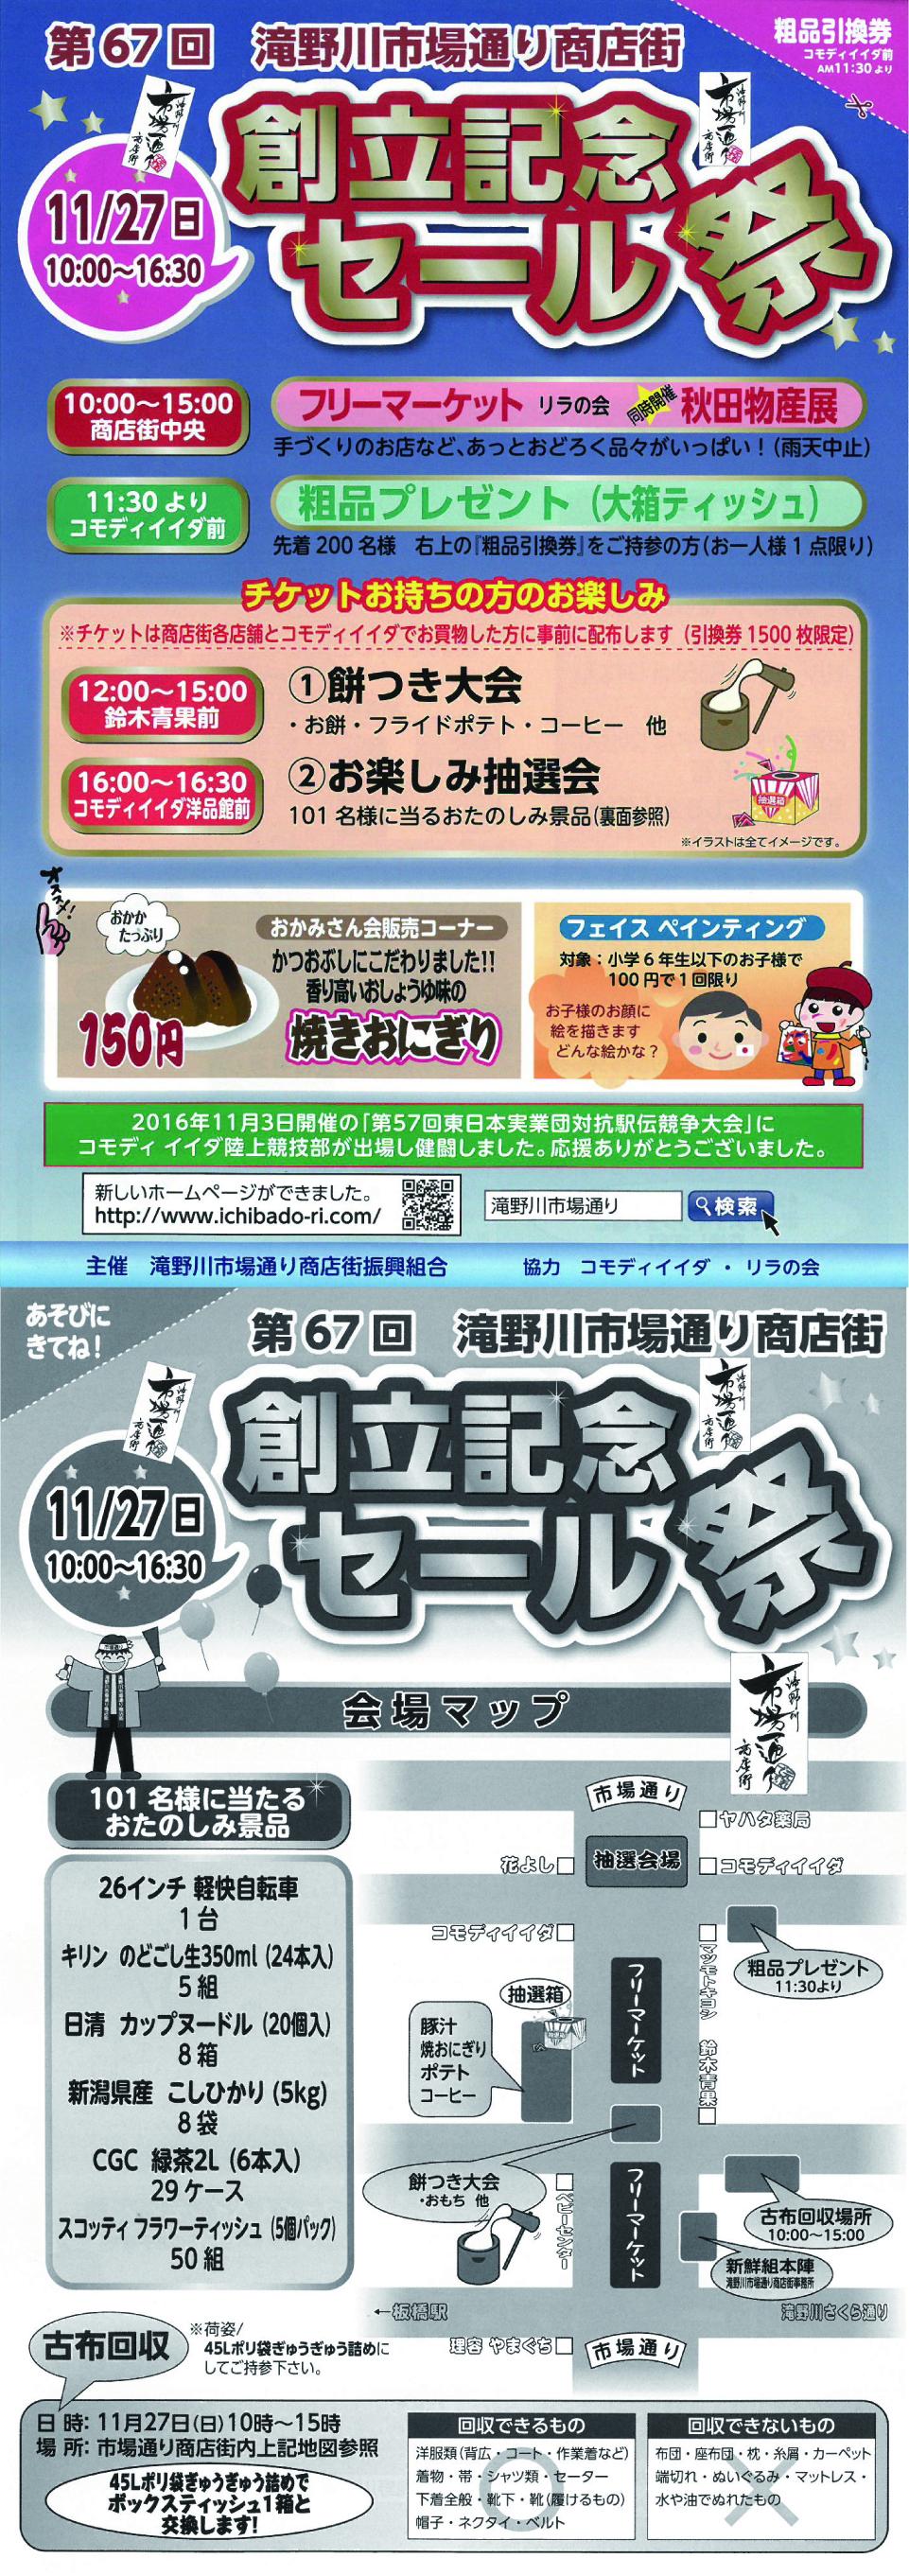 第67回滝野川市場通り商店街創業祭開催のお知らせ 【平成28年11月27日(日)】